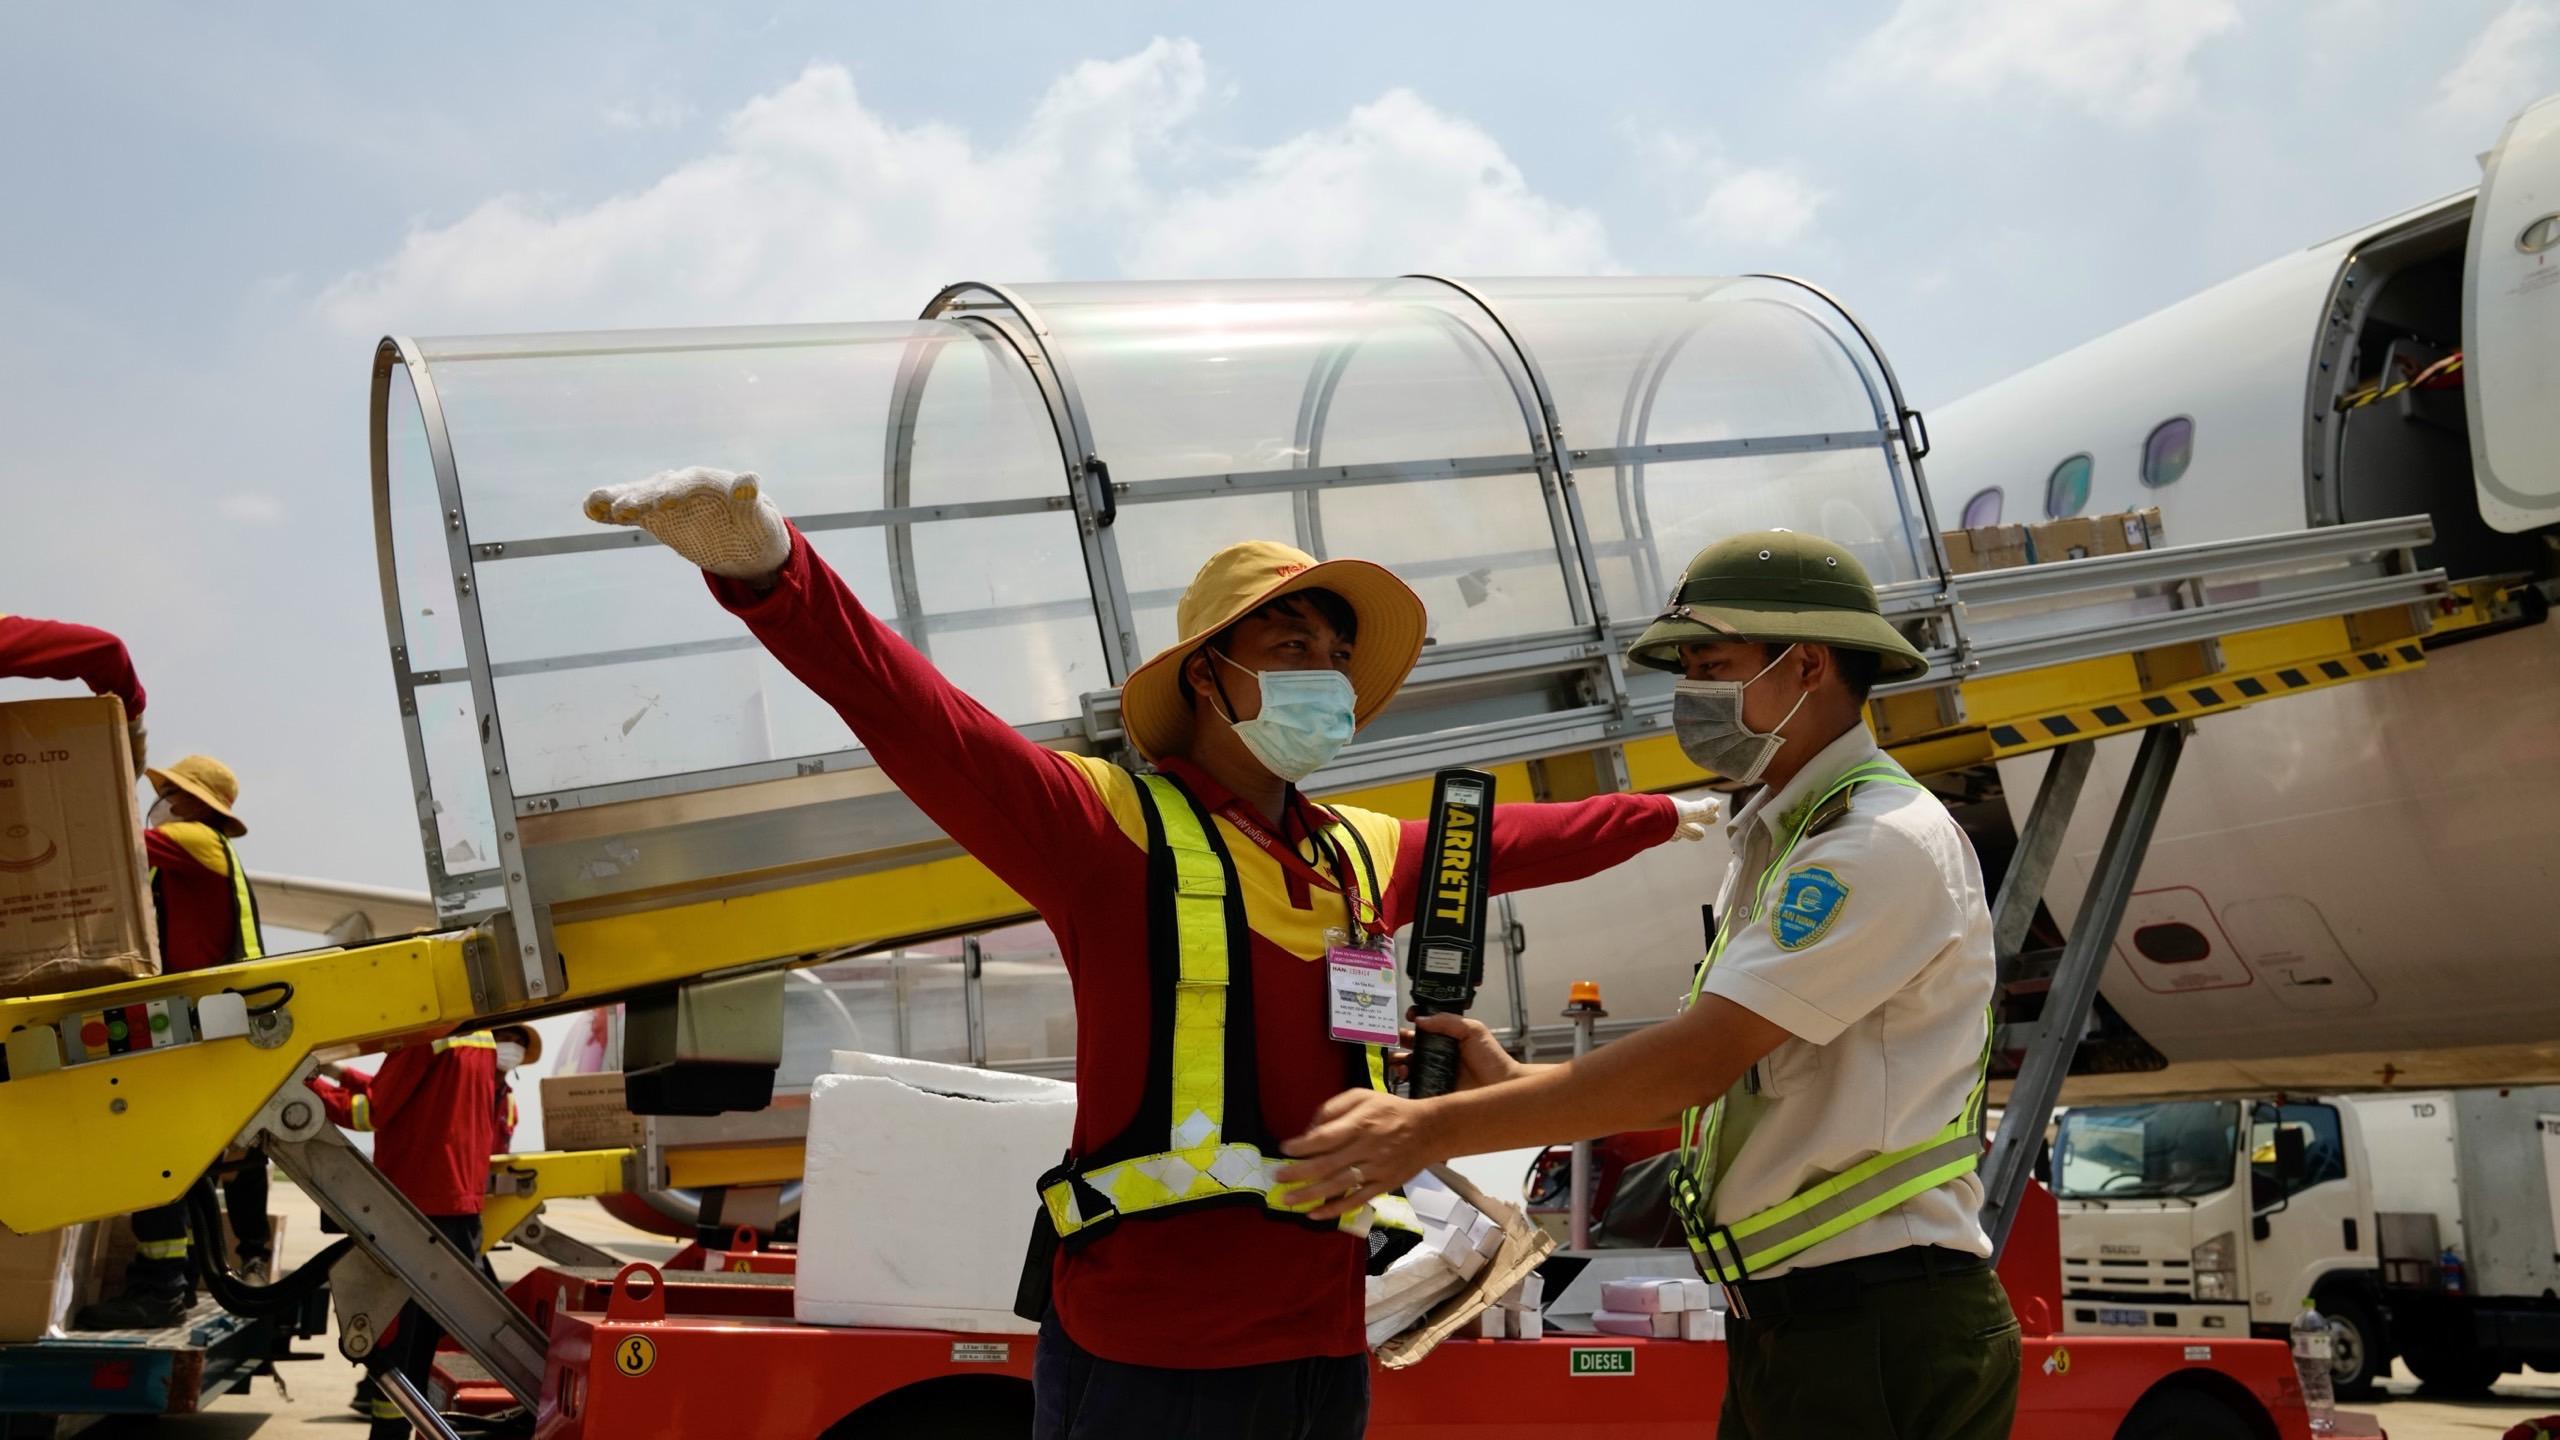 Nhân viên hàng không đẫm mồ hôi trên nền bê tông nóng bỏng 56 độ C - Ảnh 4.